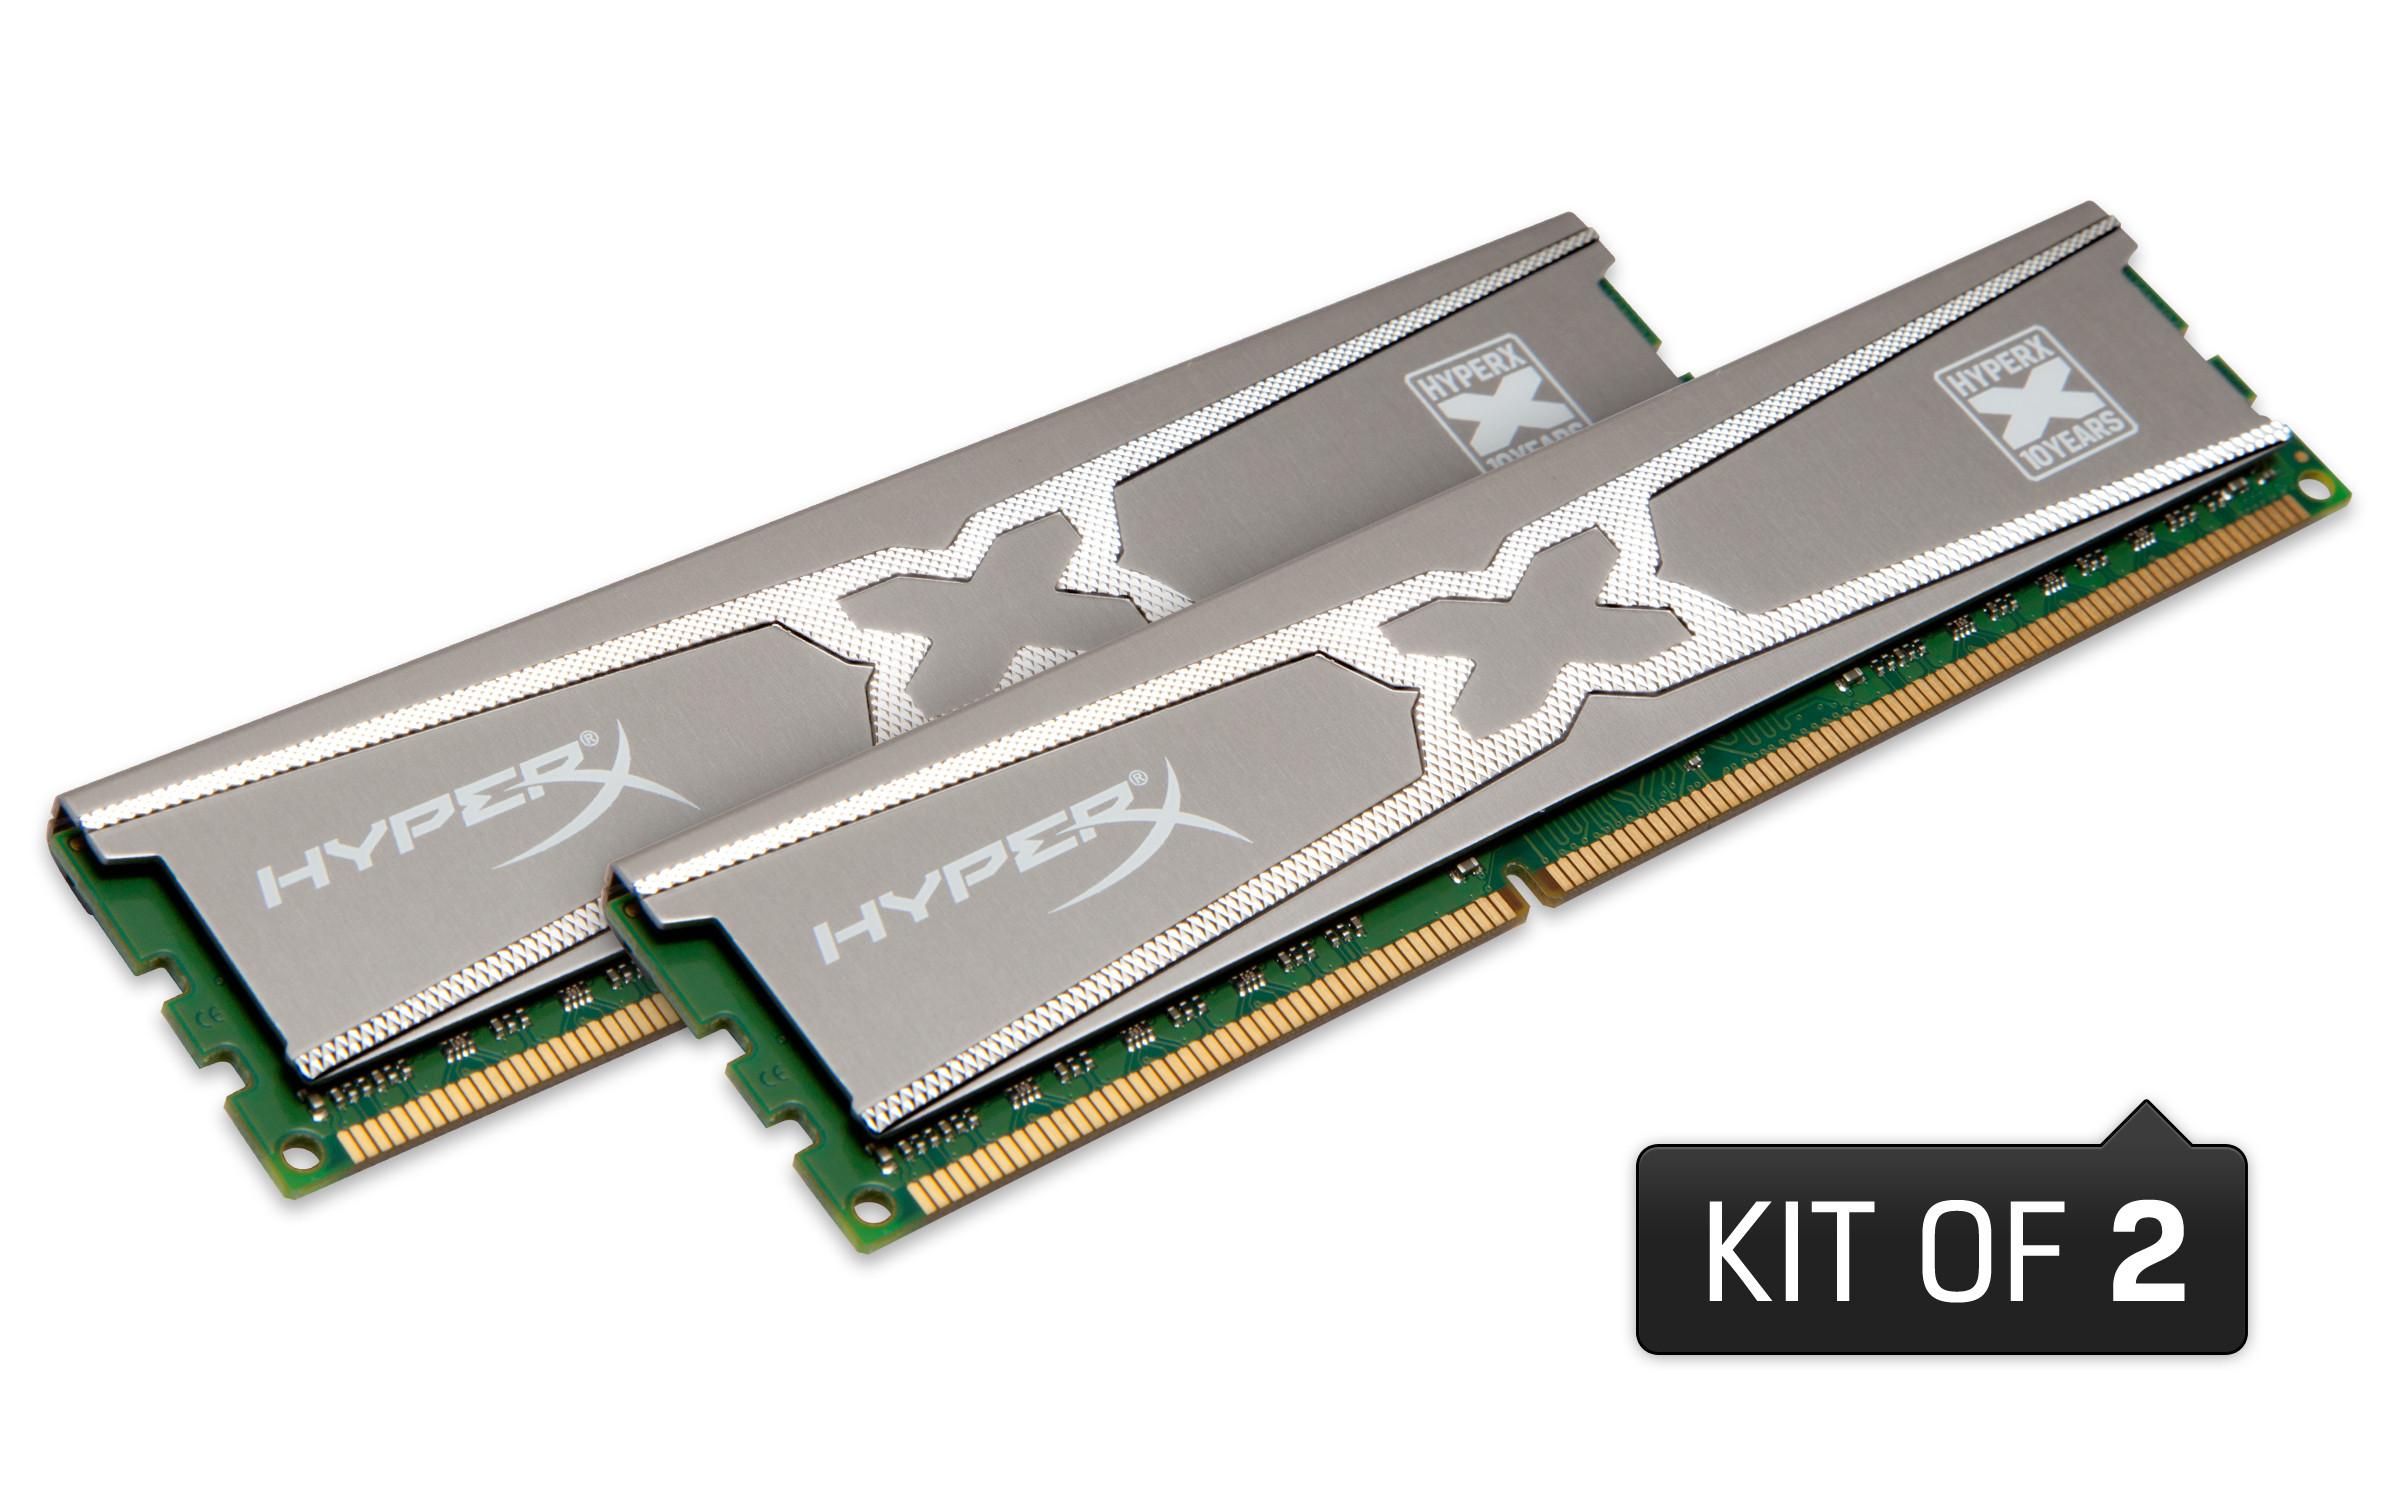 十破天驚 Kingston歡慶HyperX 10周年 紀念版記憶體PChome網路首賣 好康多連發!